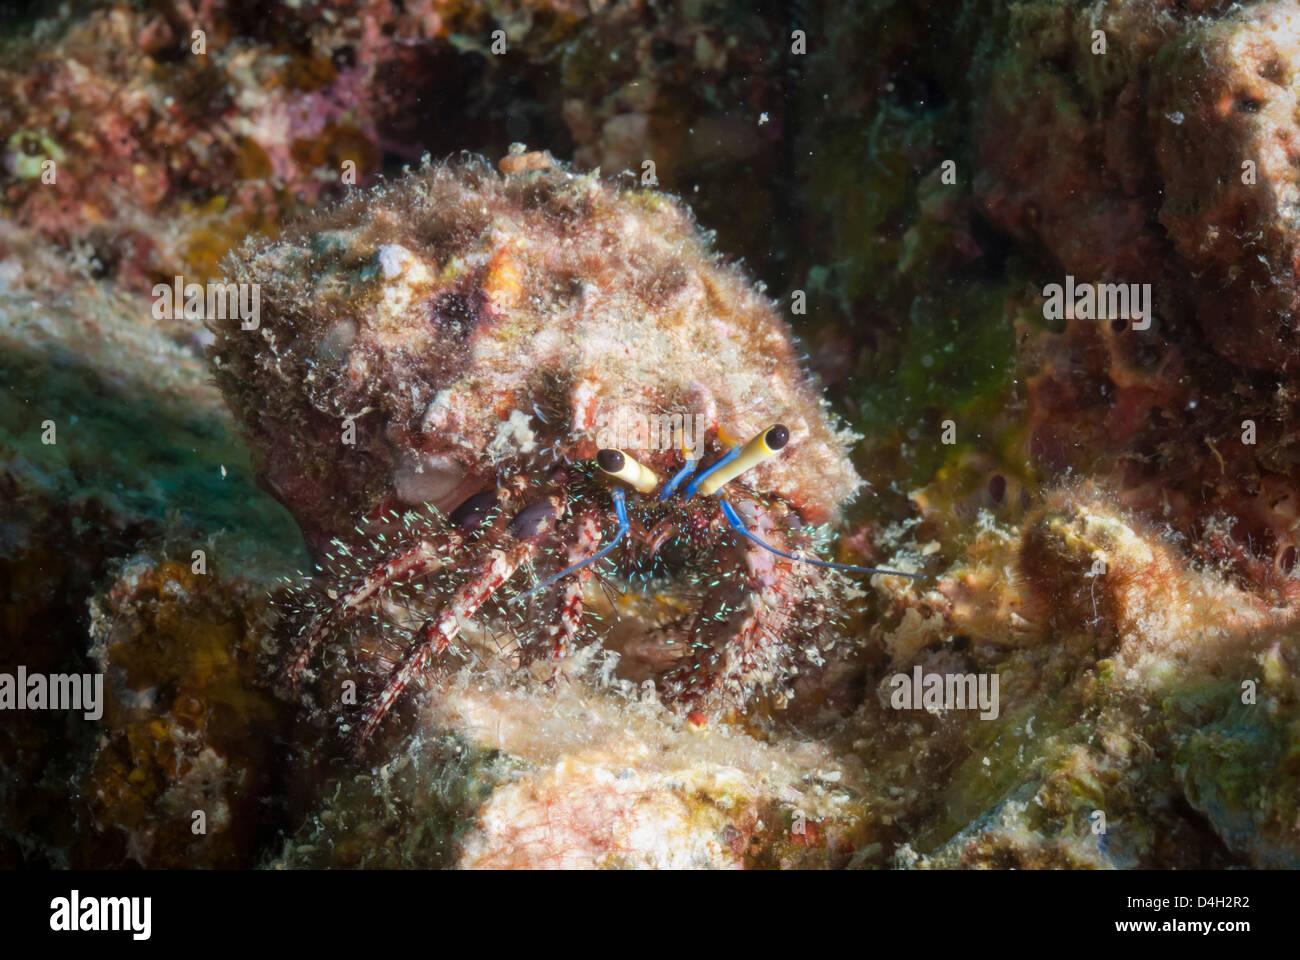 L'ermite velu (Aniculus elegans), SouthernThailand, la mer d'Andaman, l'Océan Indien, en Asie du Photo Stock